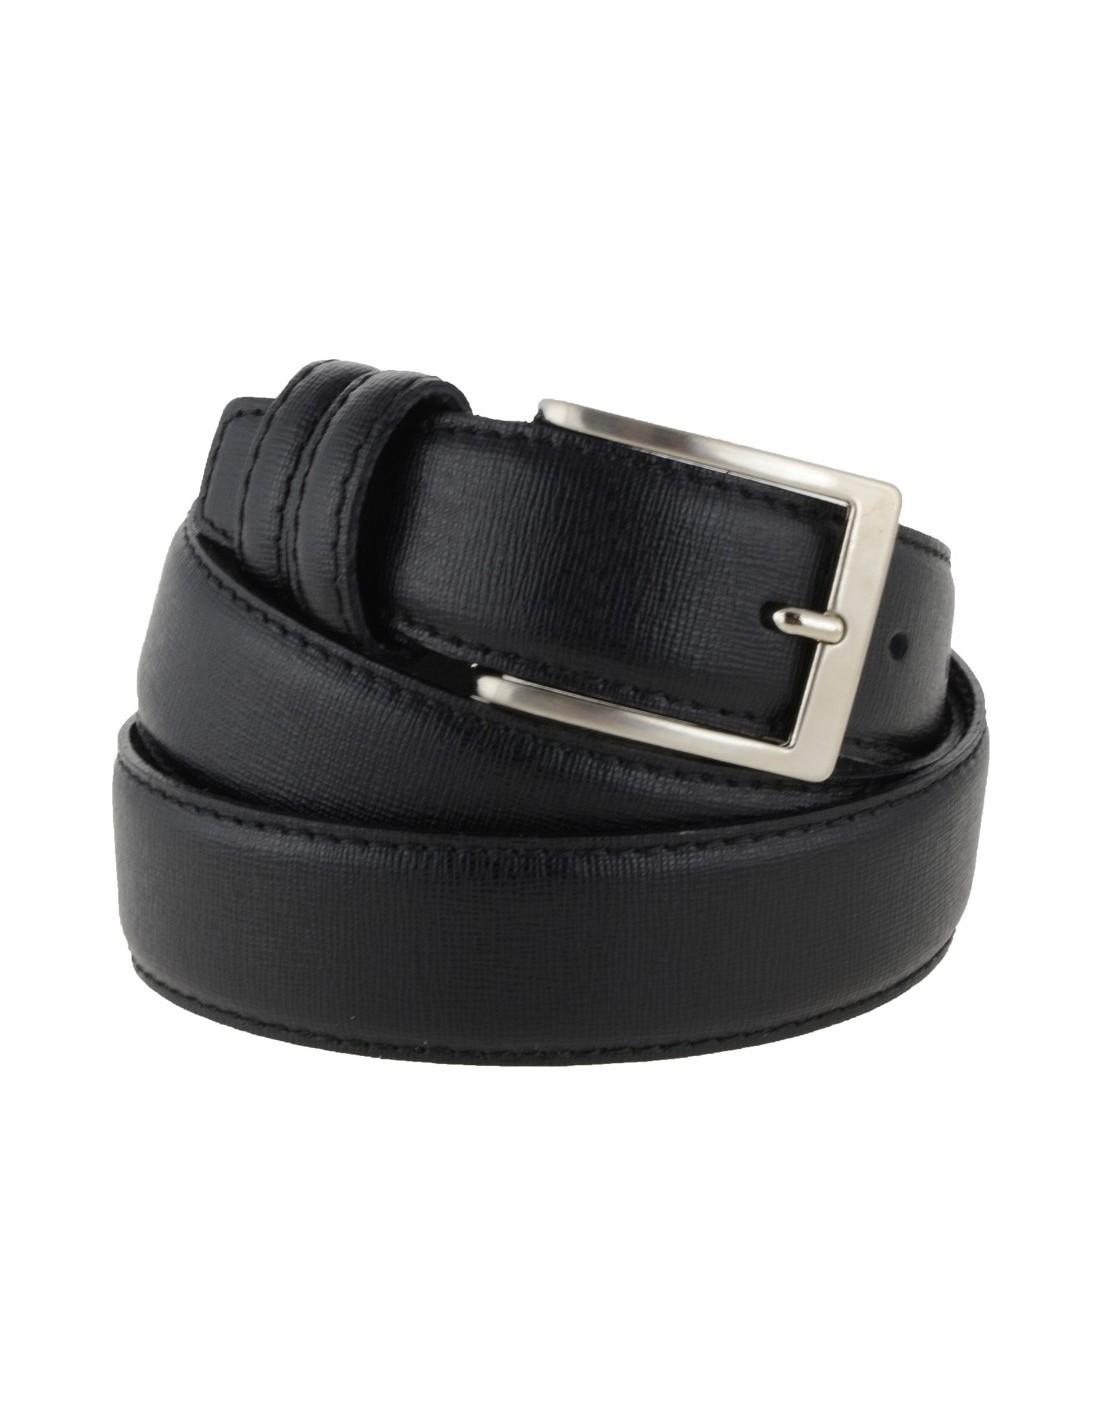 03710788ce Cintura uomo in pelle di vitello effetto saffiano nero modello Prada